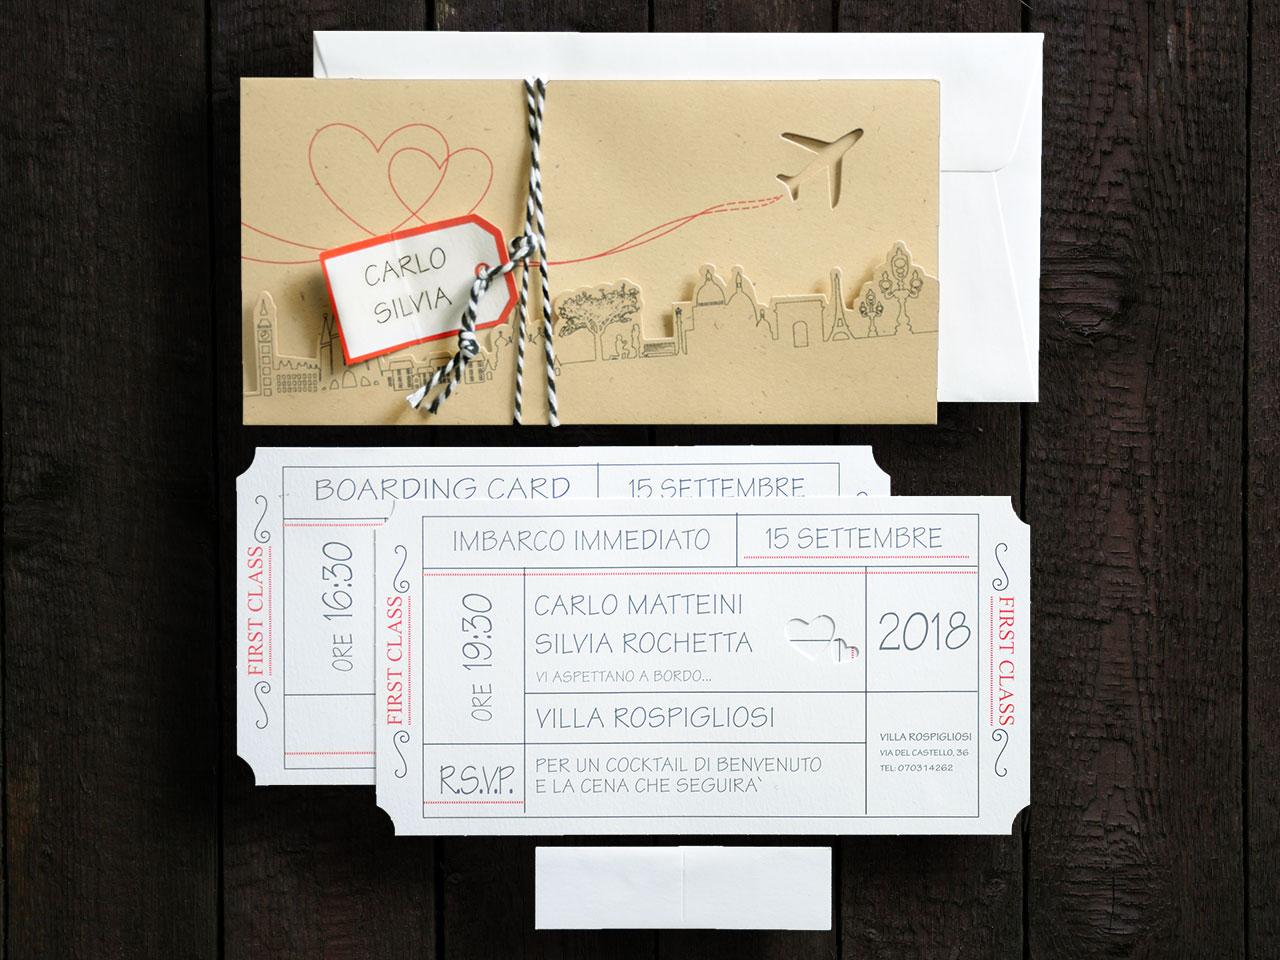 Partecipazioni Matrimonio Biglietto Aereo.Partecipazioni Matrimonio In Tema Viaggio Invio Campione